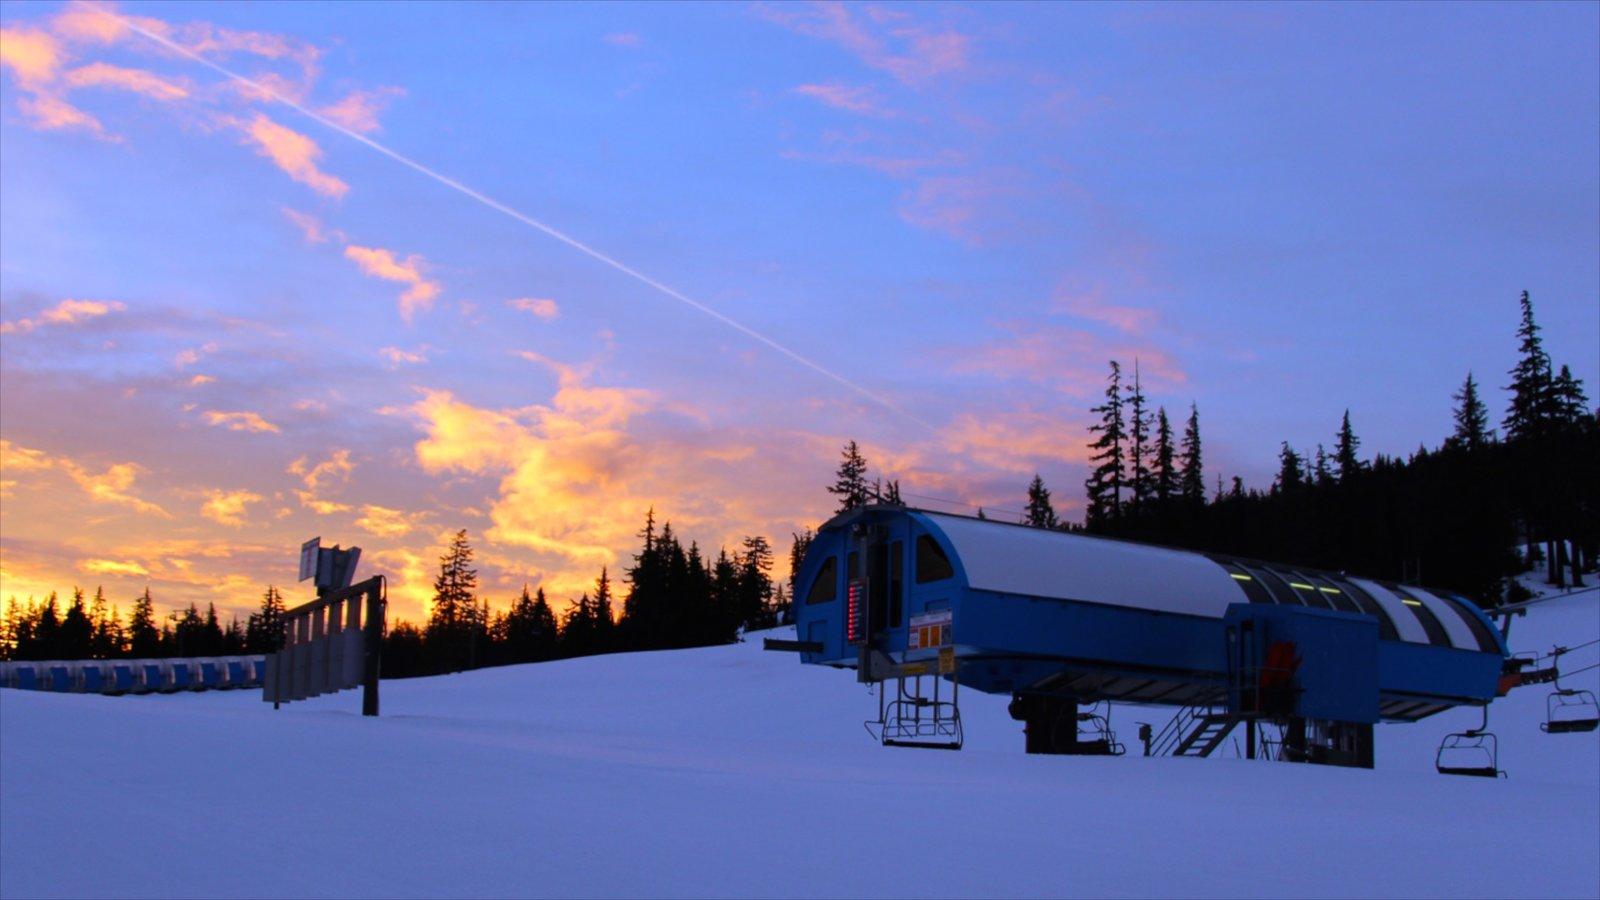 Mt Bachelor Ski Resort mostrando nieve y una puesta de sol